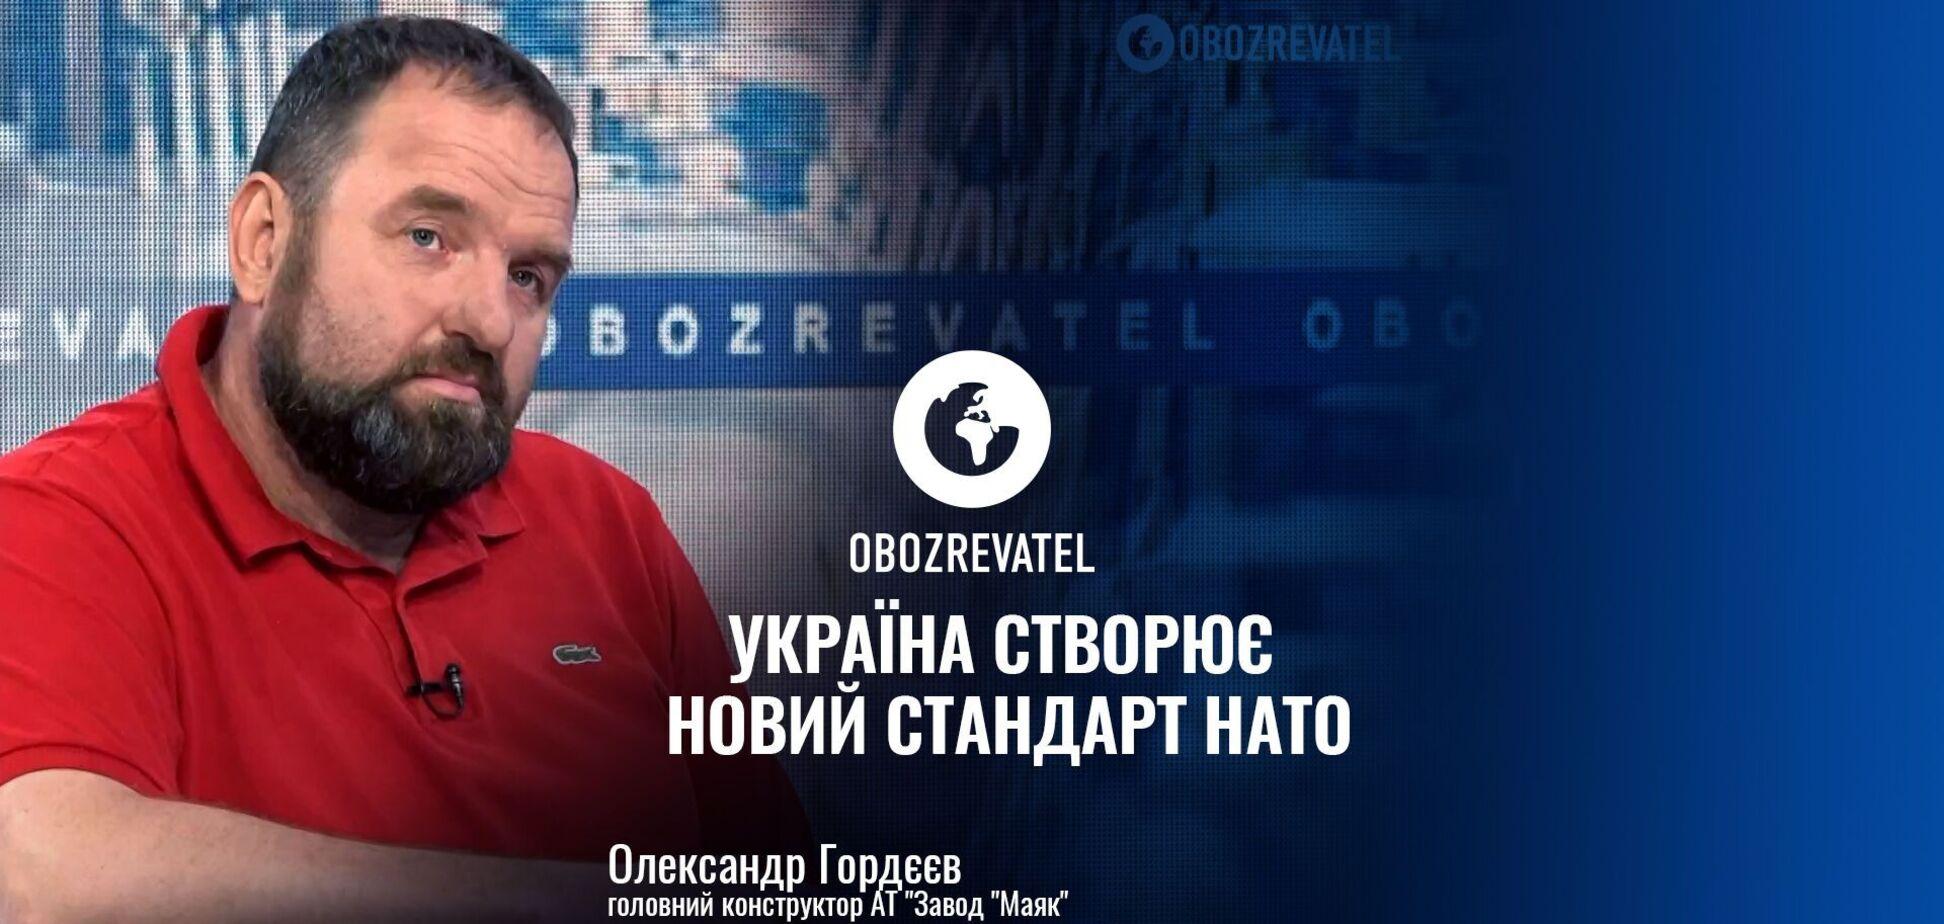 Украинский 'Ночной Хищник' – новый стандарт вооружения, – эксперт